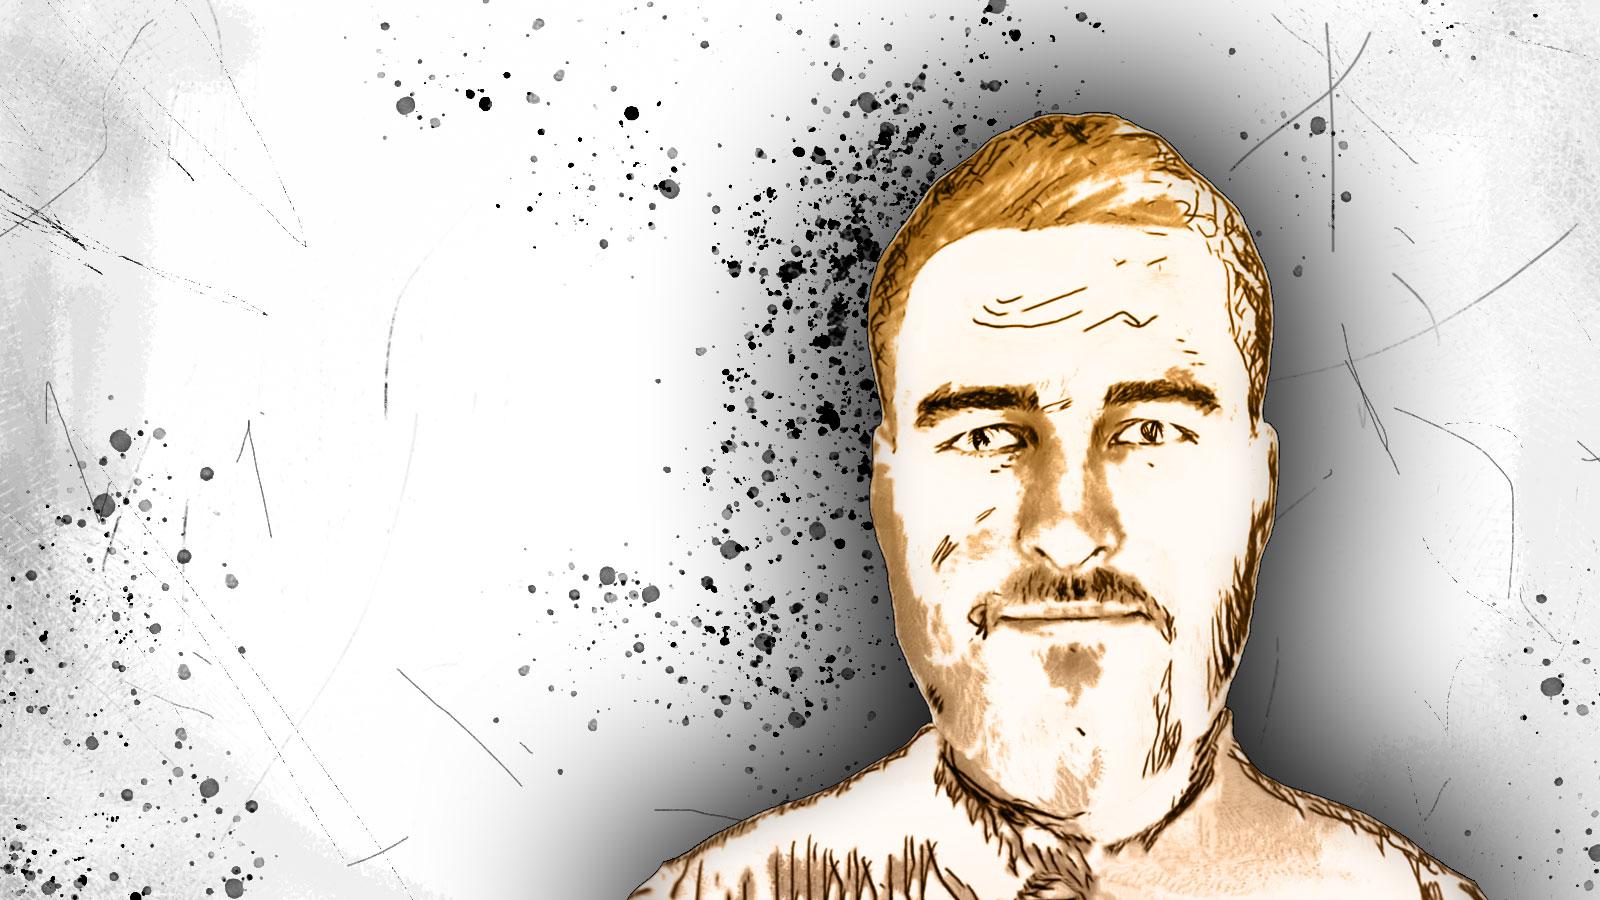 Sjovt profil billede af Nikolaj D. Jacobsen